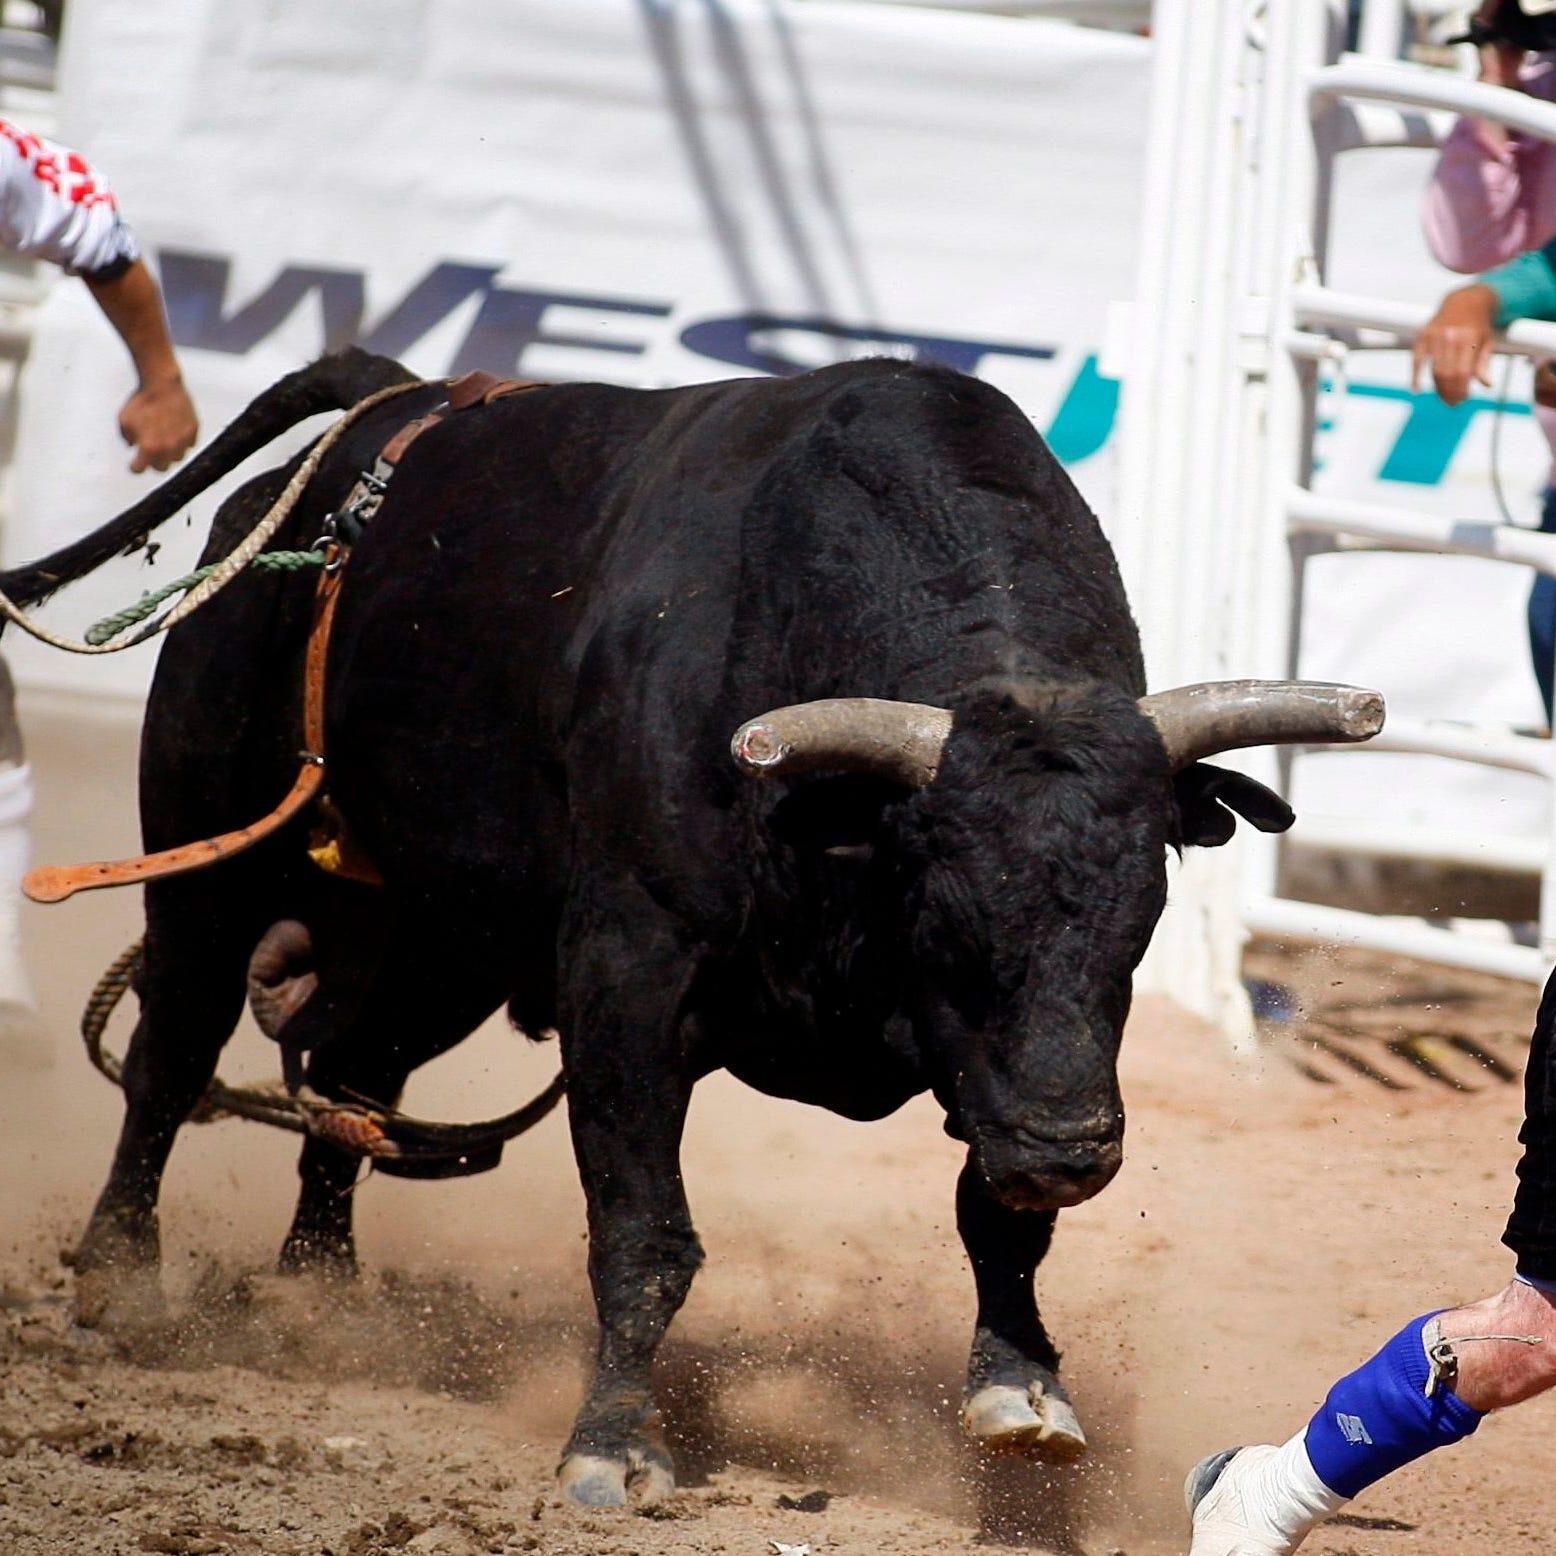 'Cowboy Pinball' in Kentucky gets dangerous as bull flips participants